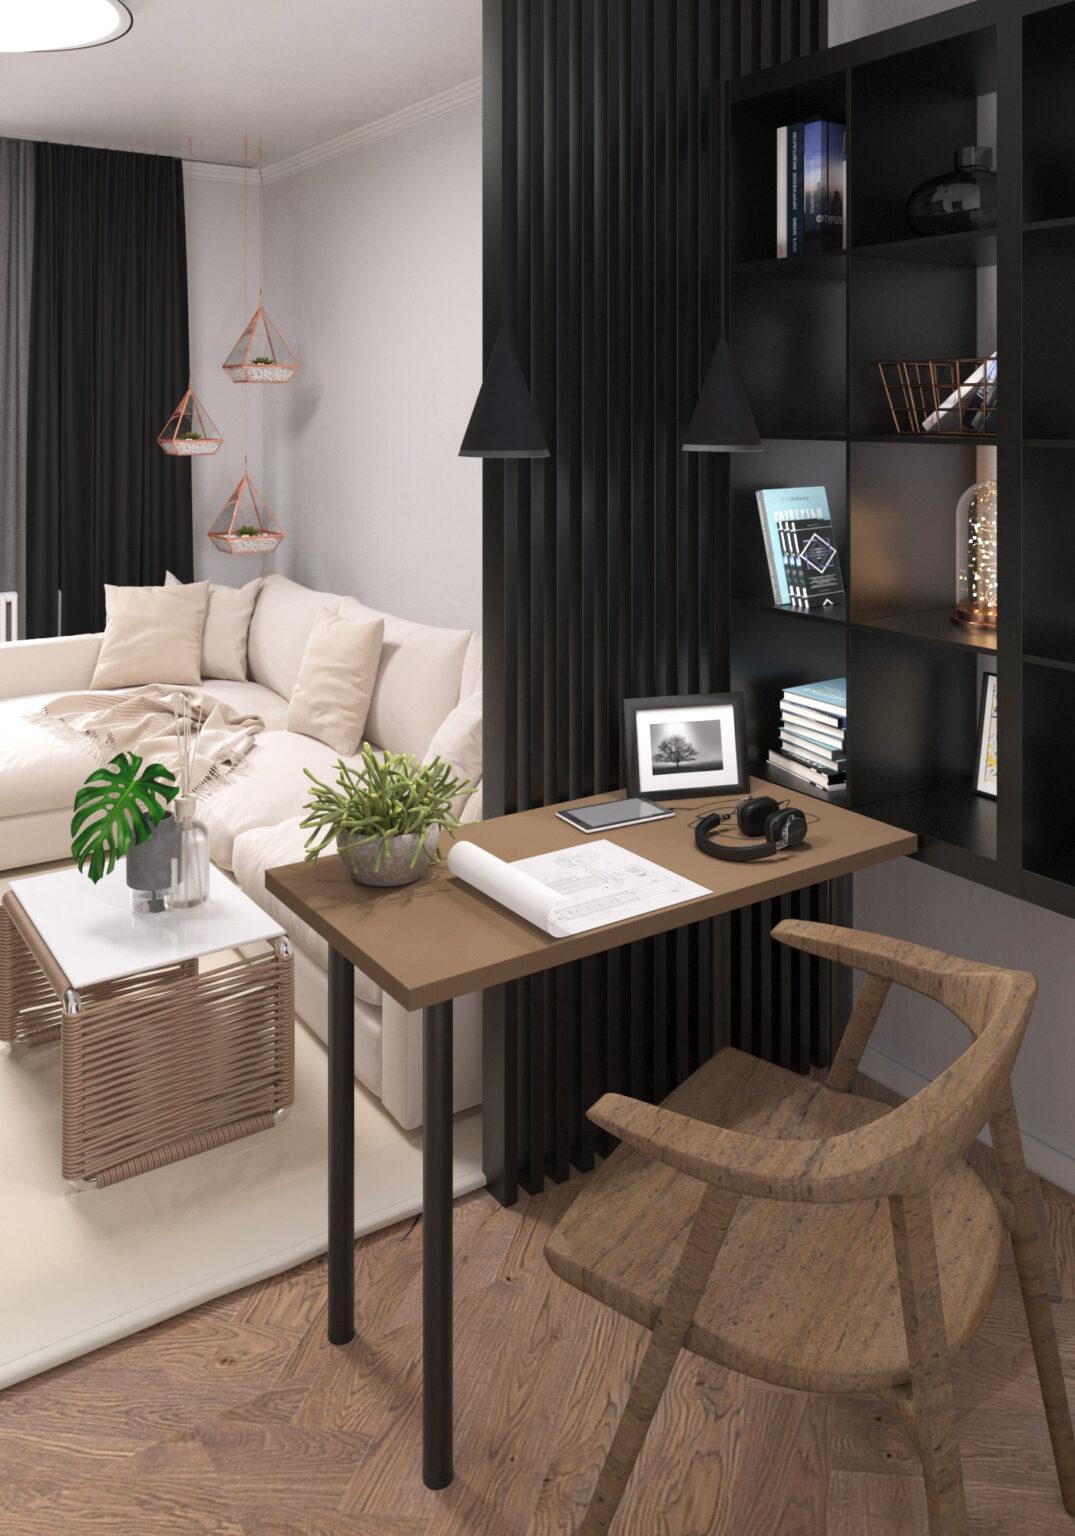 Ремонт квартиры - цены в Одессе